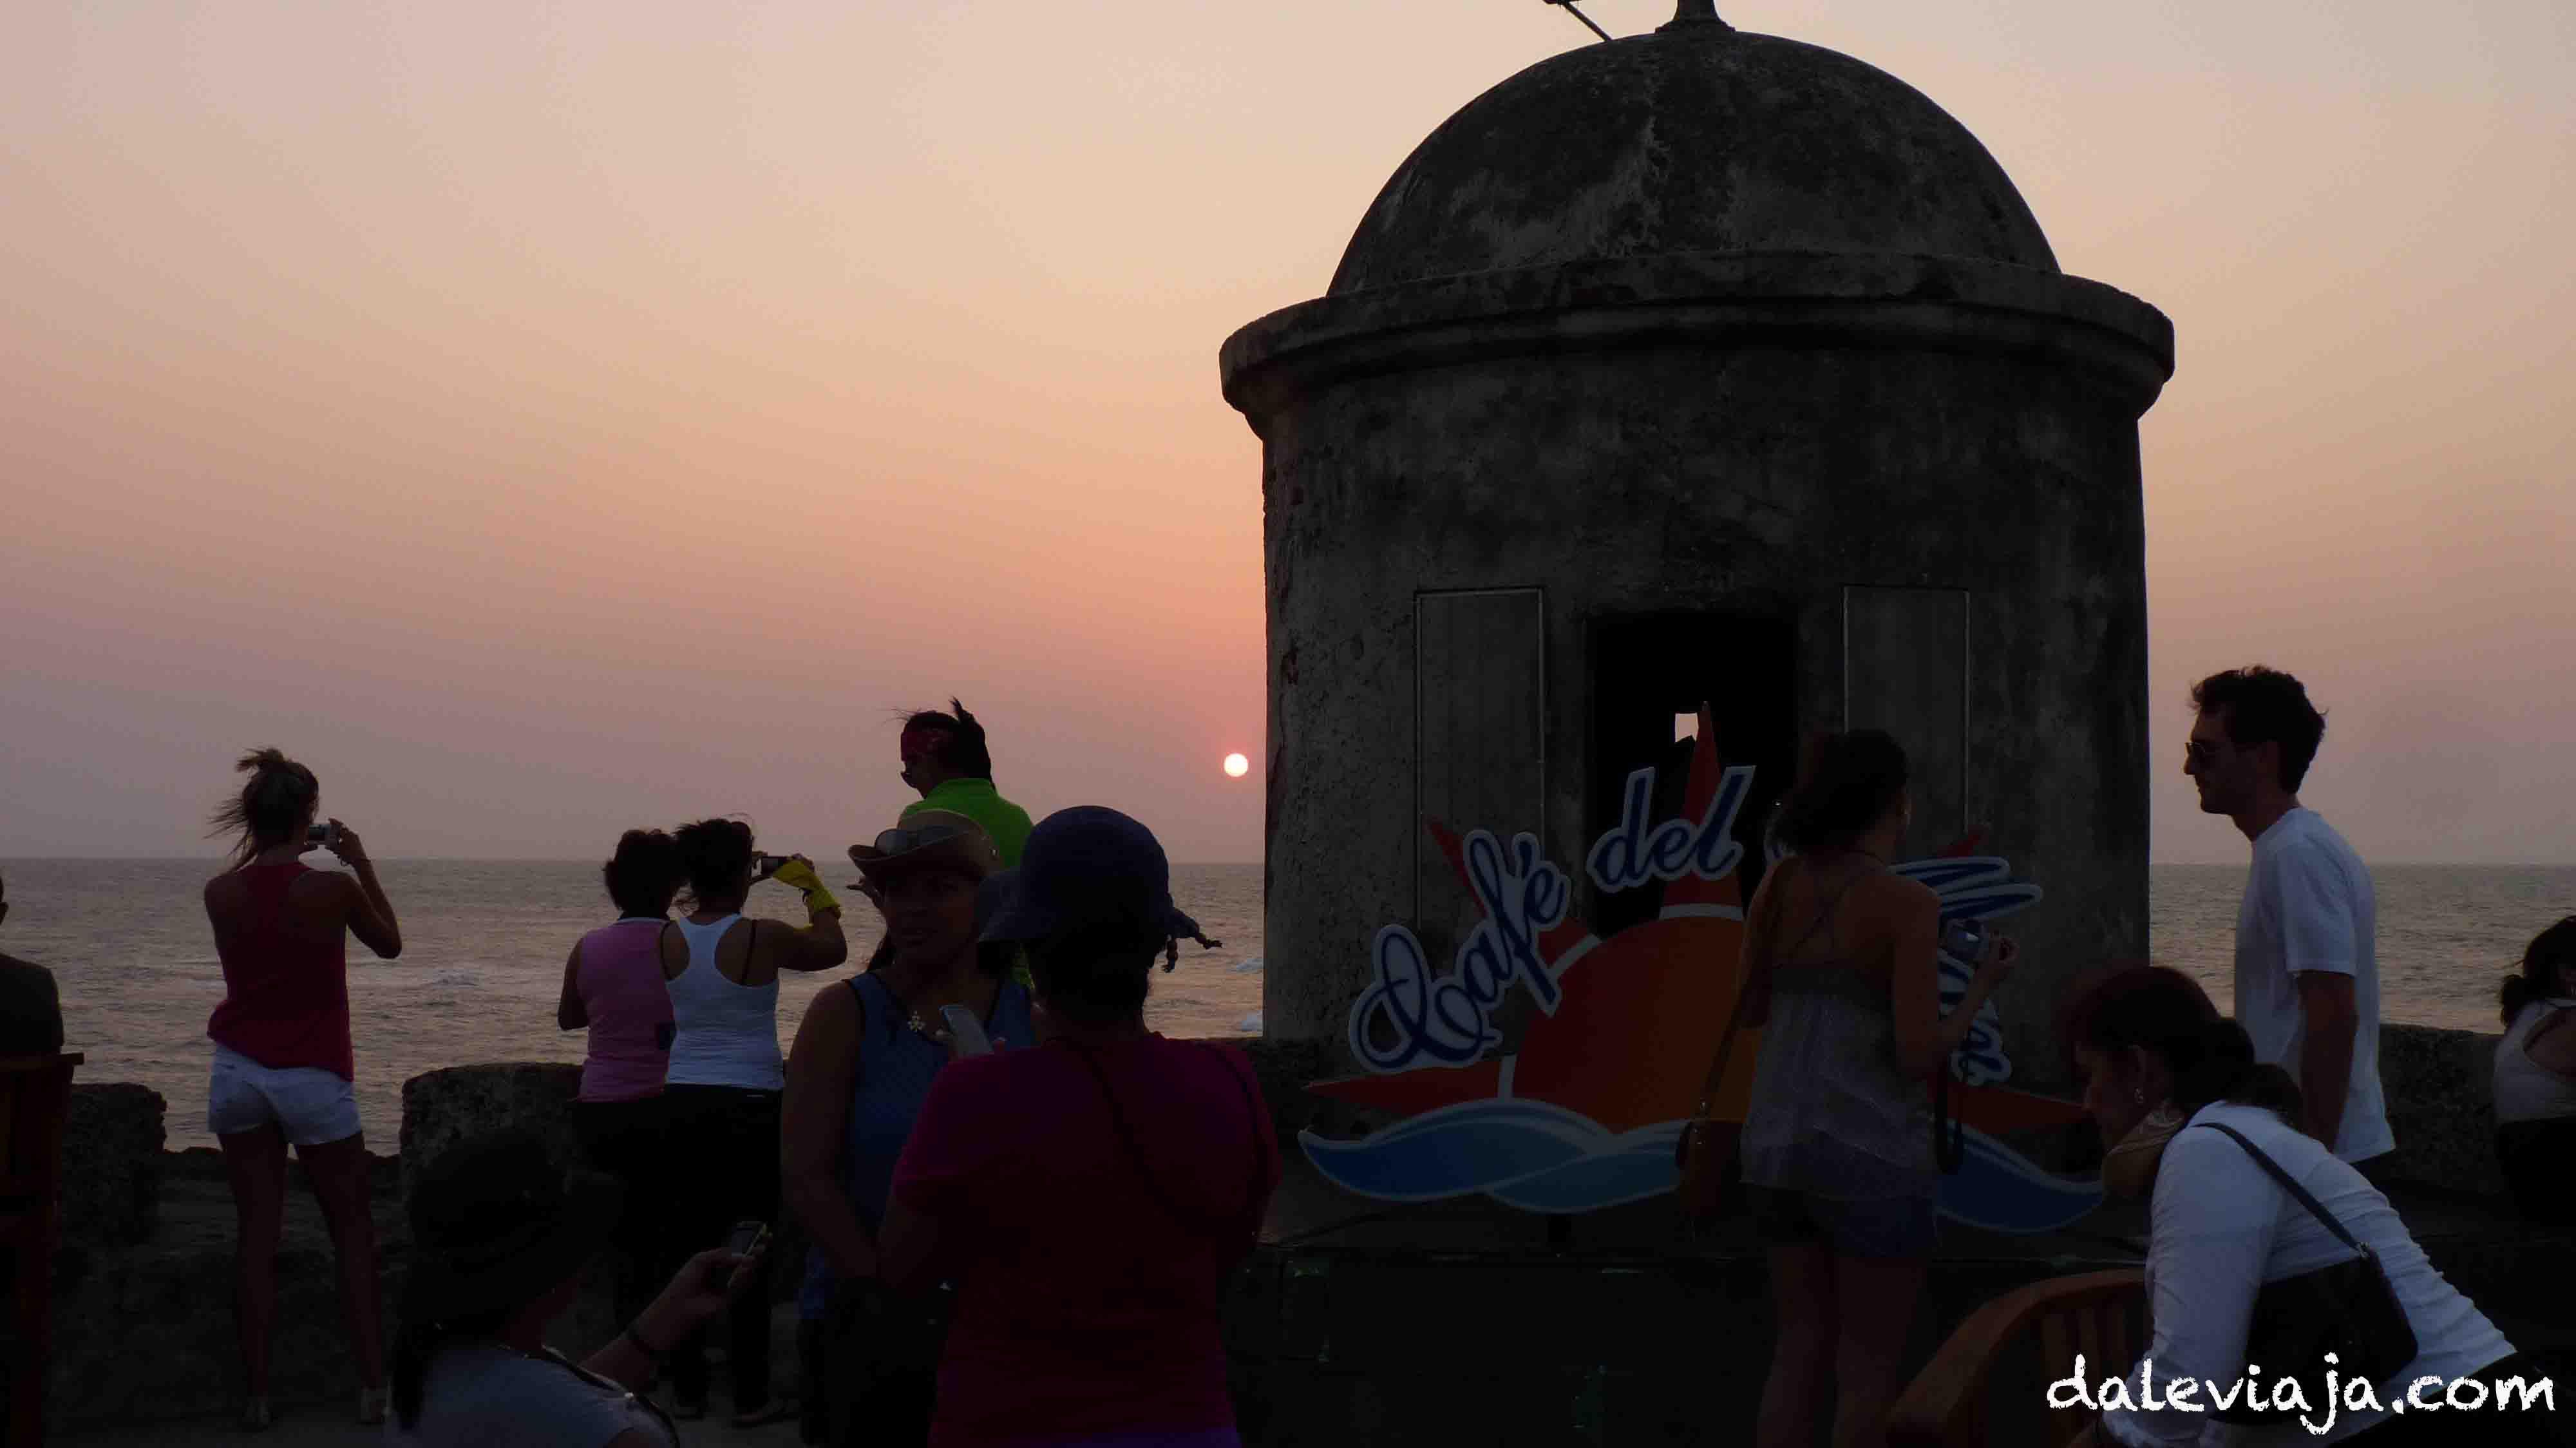 Atalaya, ciudad amurallada. Cartagena de Indias.